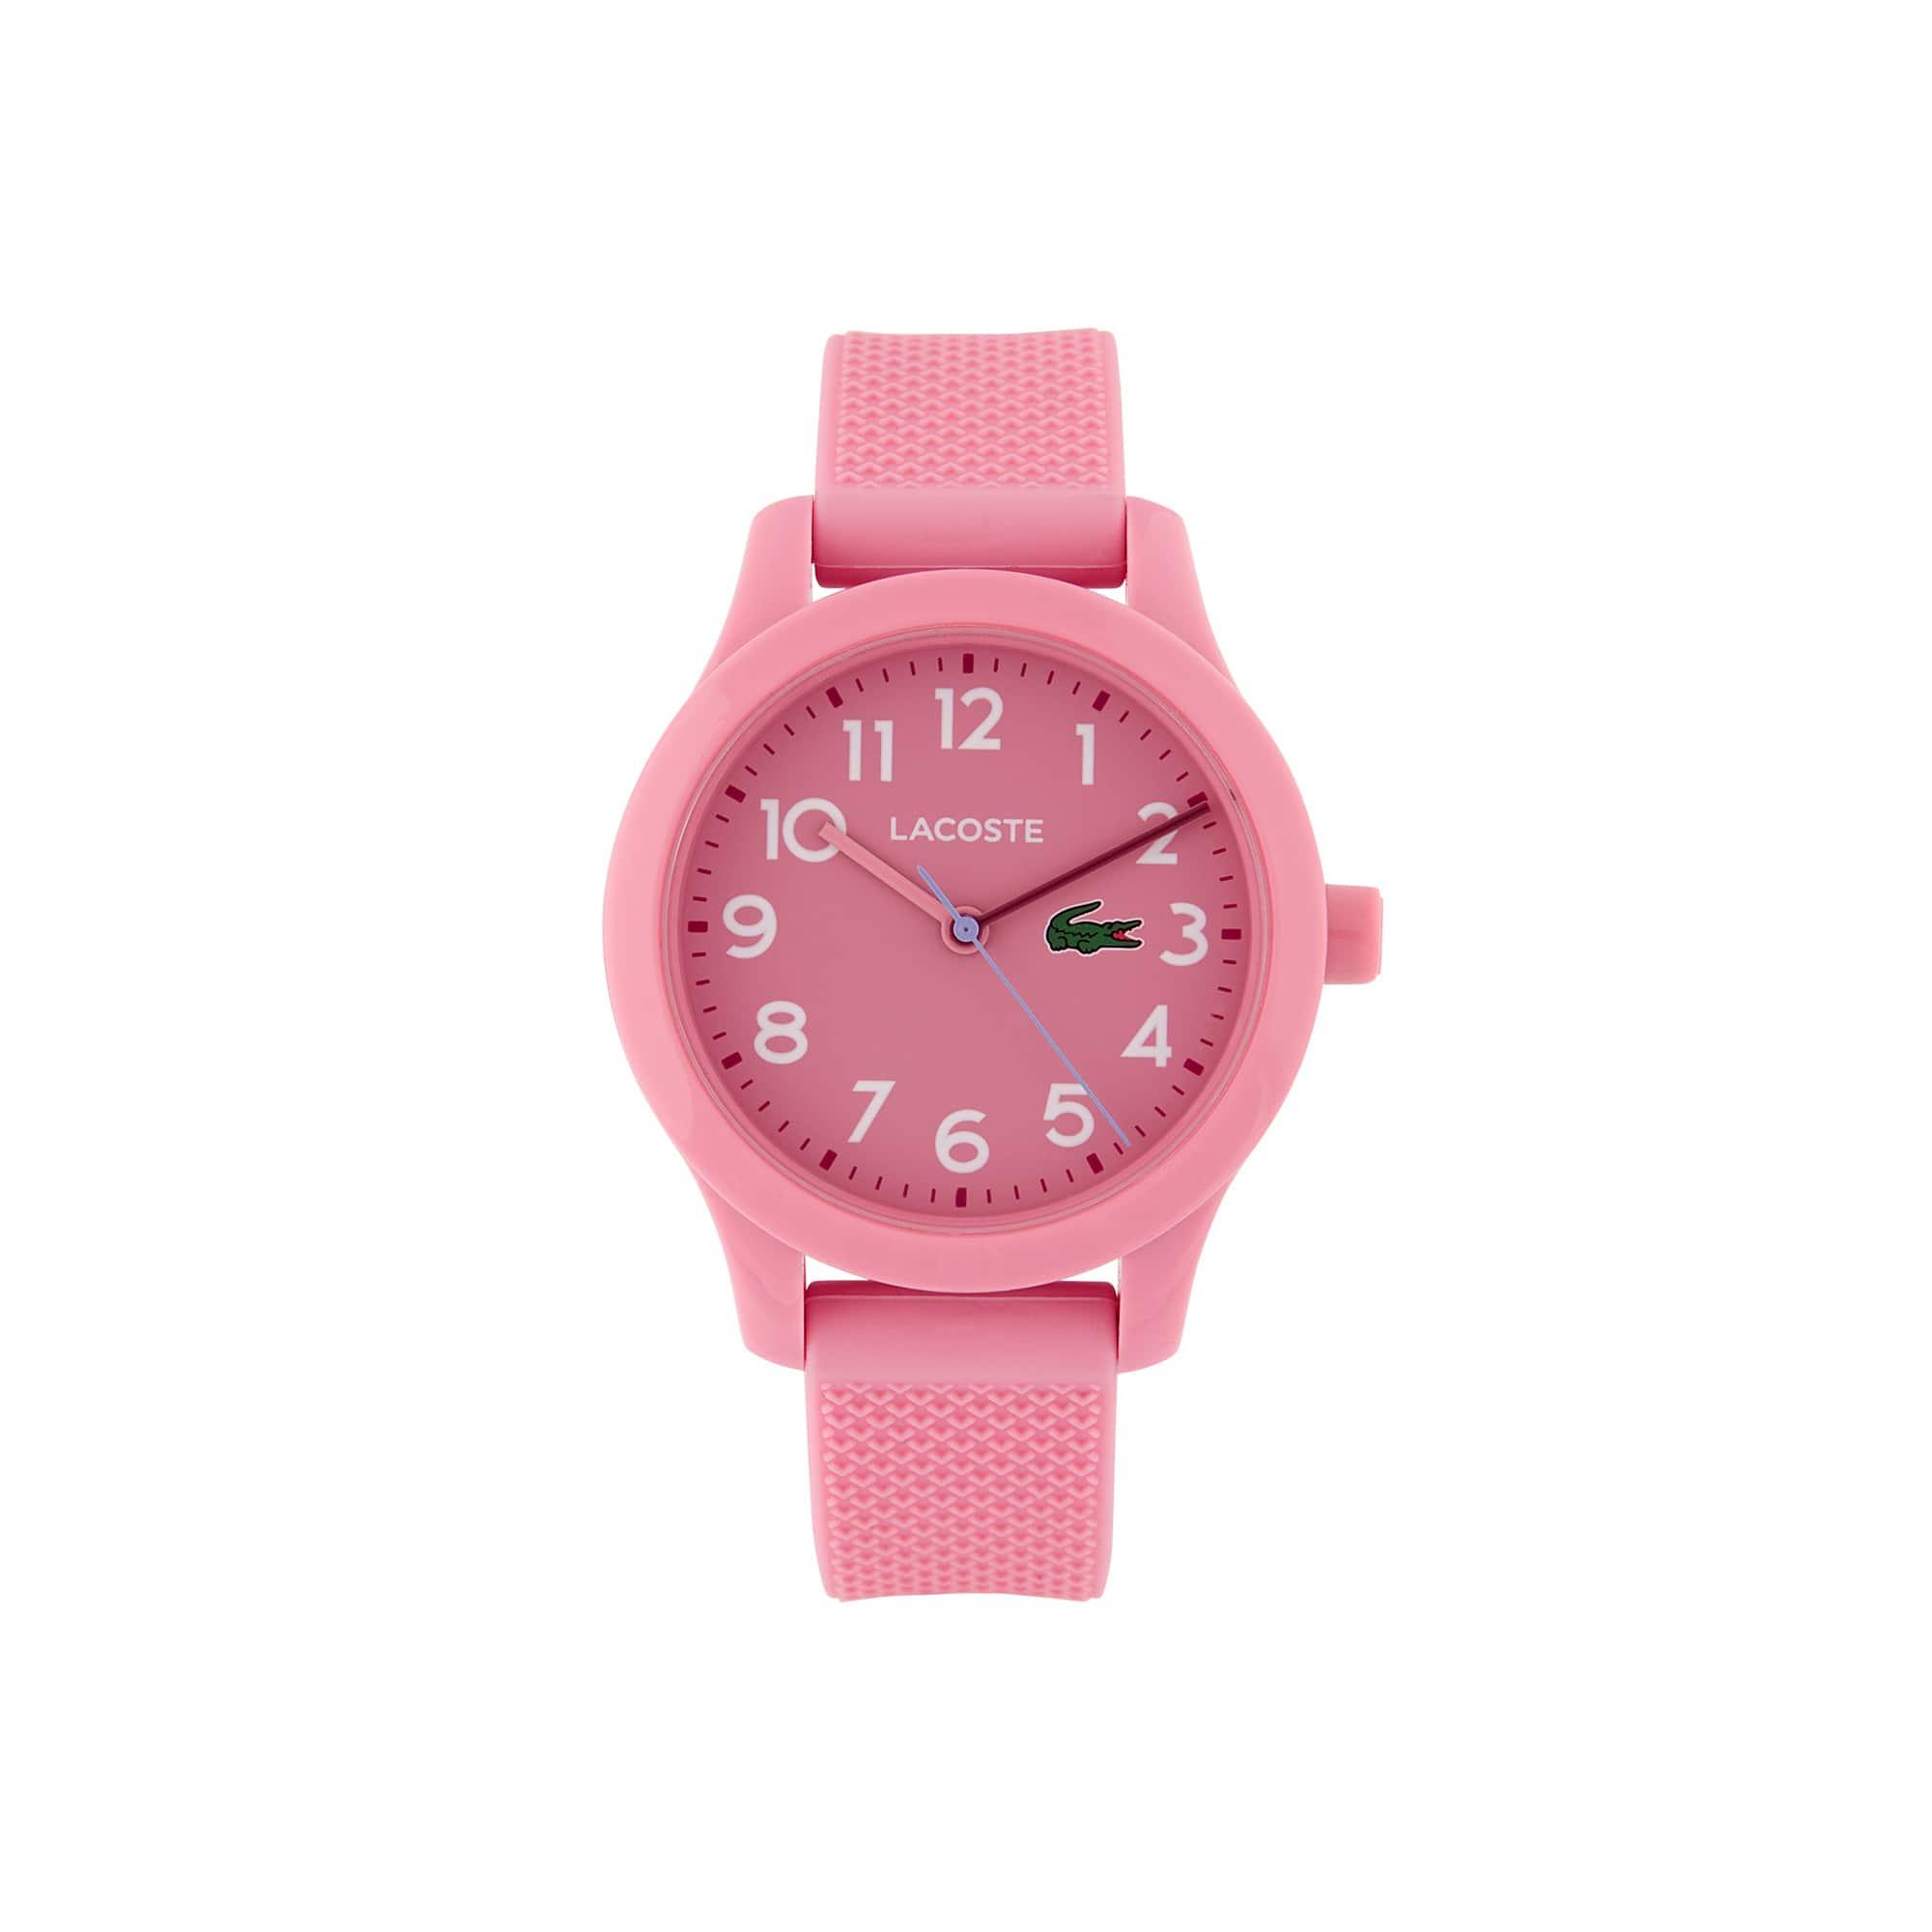 Orologio Lacoste 12.12 da bambino con cinturino in silicone rosa